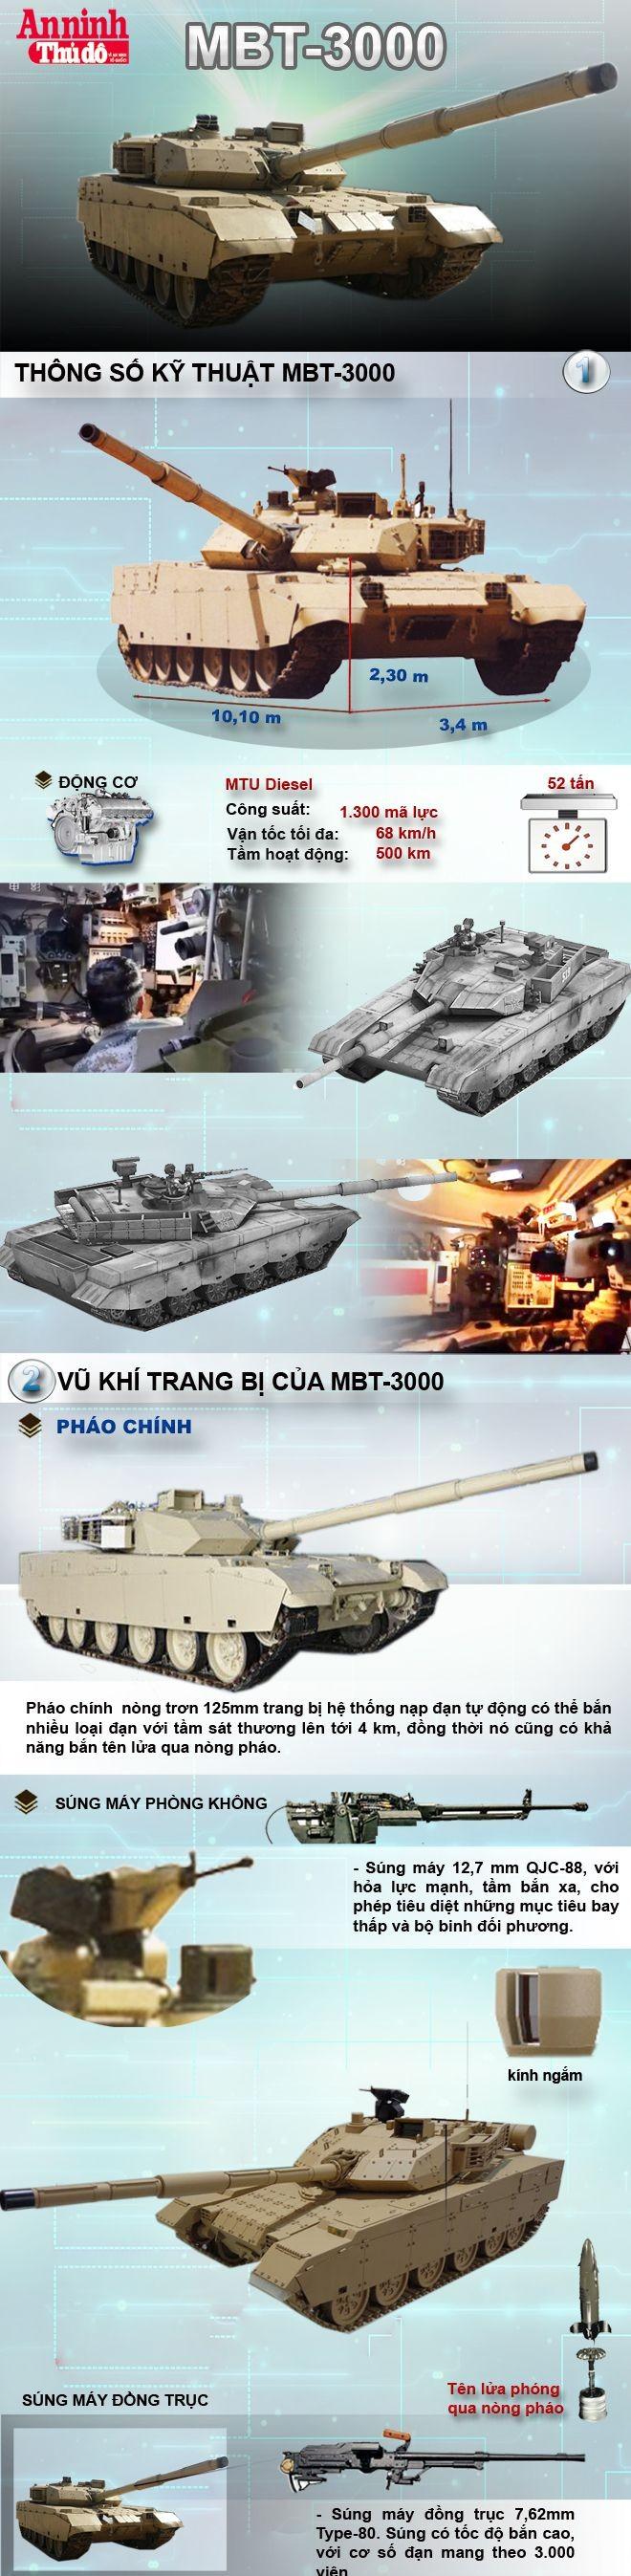 [Infographic] MBT-3000-Đối thủ thay thế tăng T-84 tại Thái Lan mạnh cỡ nào? ảnh 1